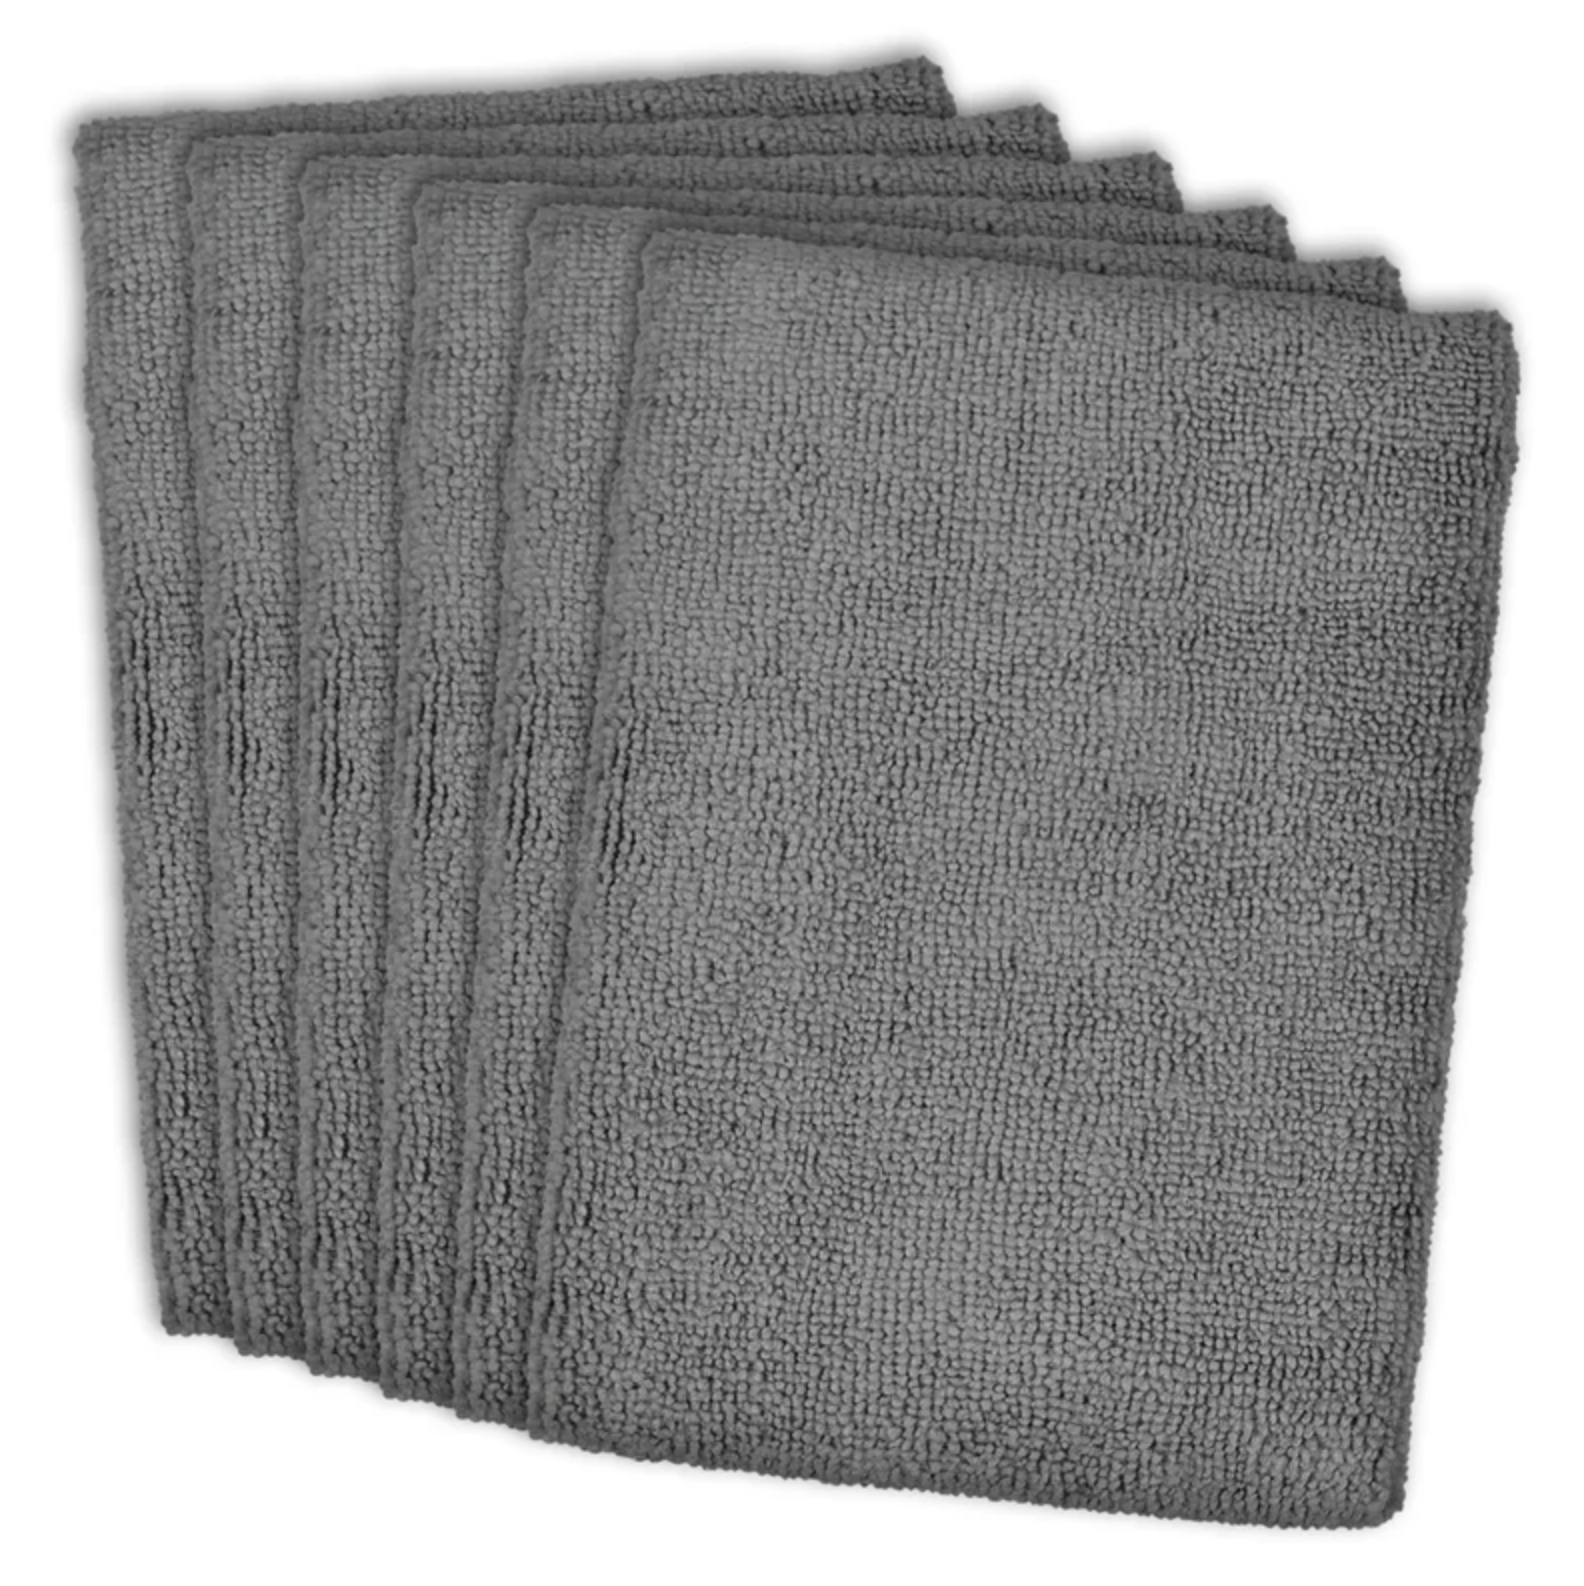 Microfiber Dish Towels Wash Clothes.png